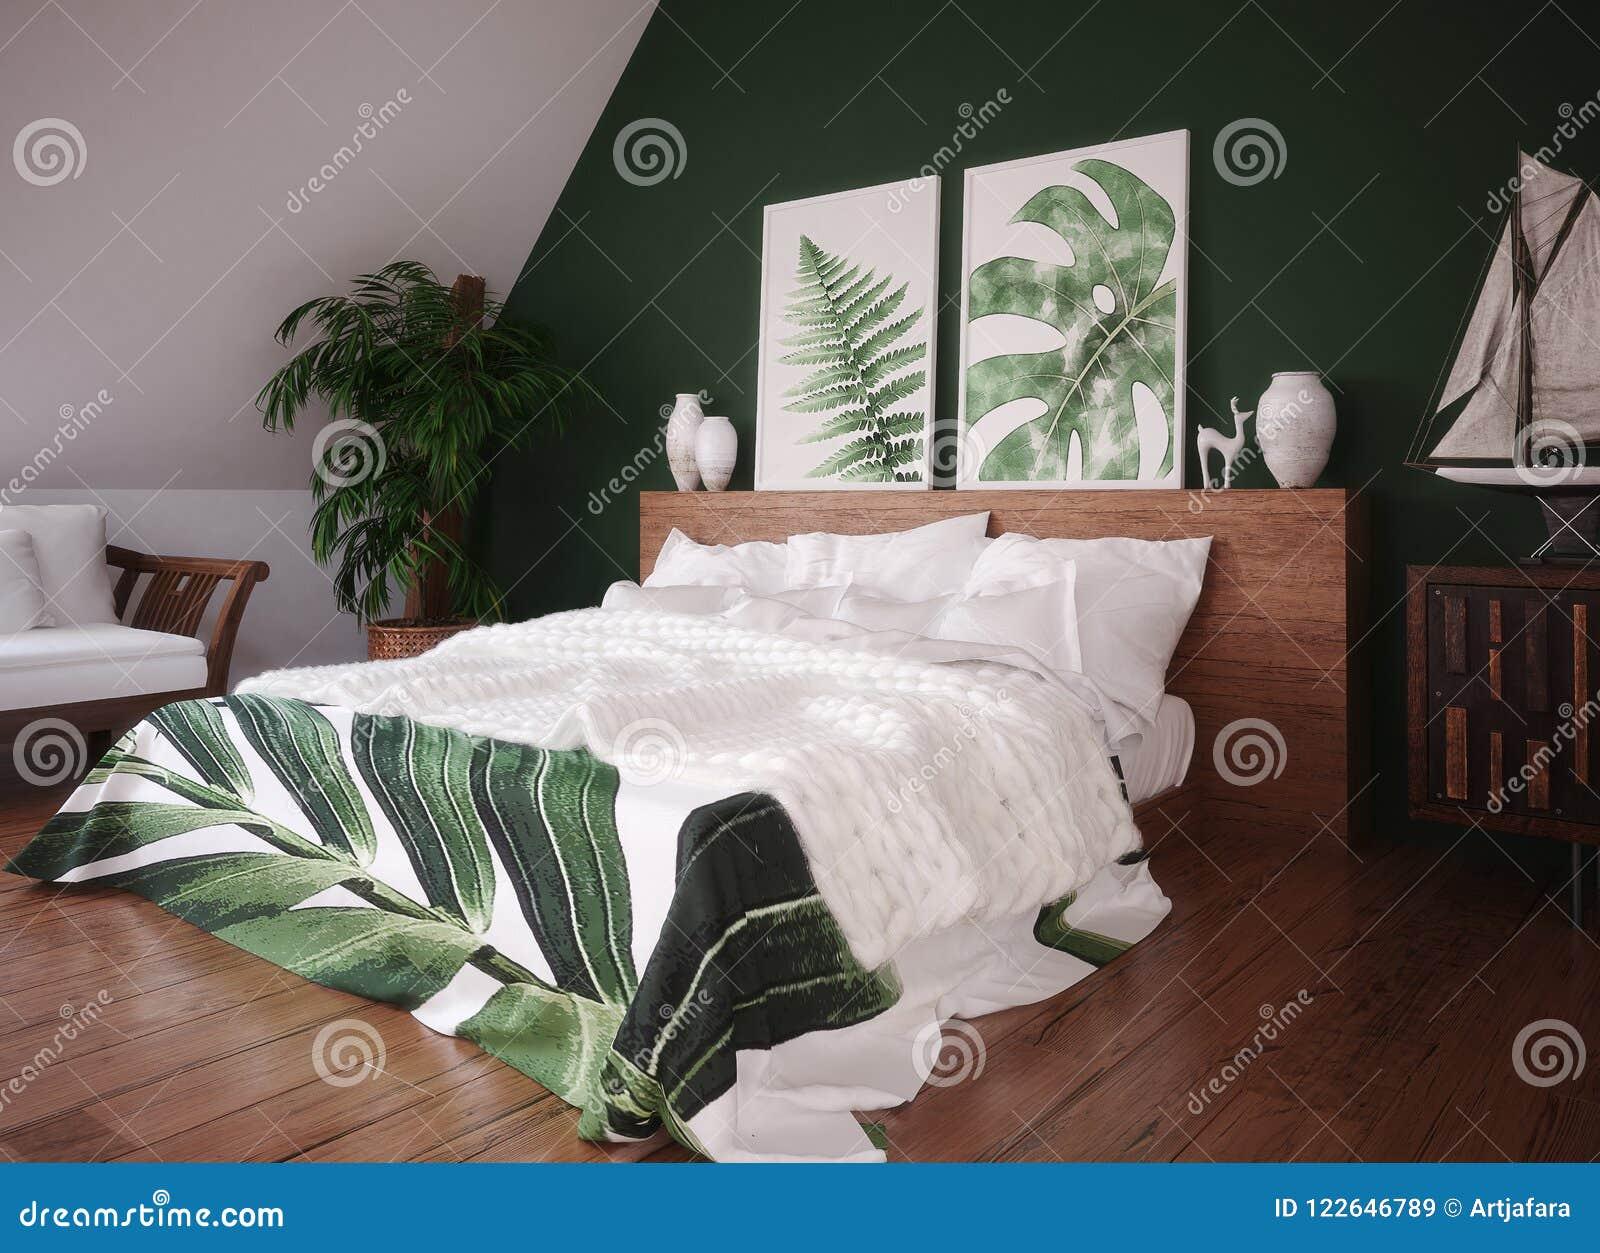 Green Vintage Bedroom Interior Stock Illustration ...